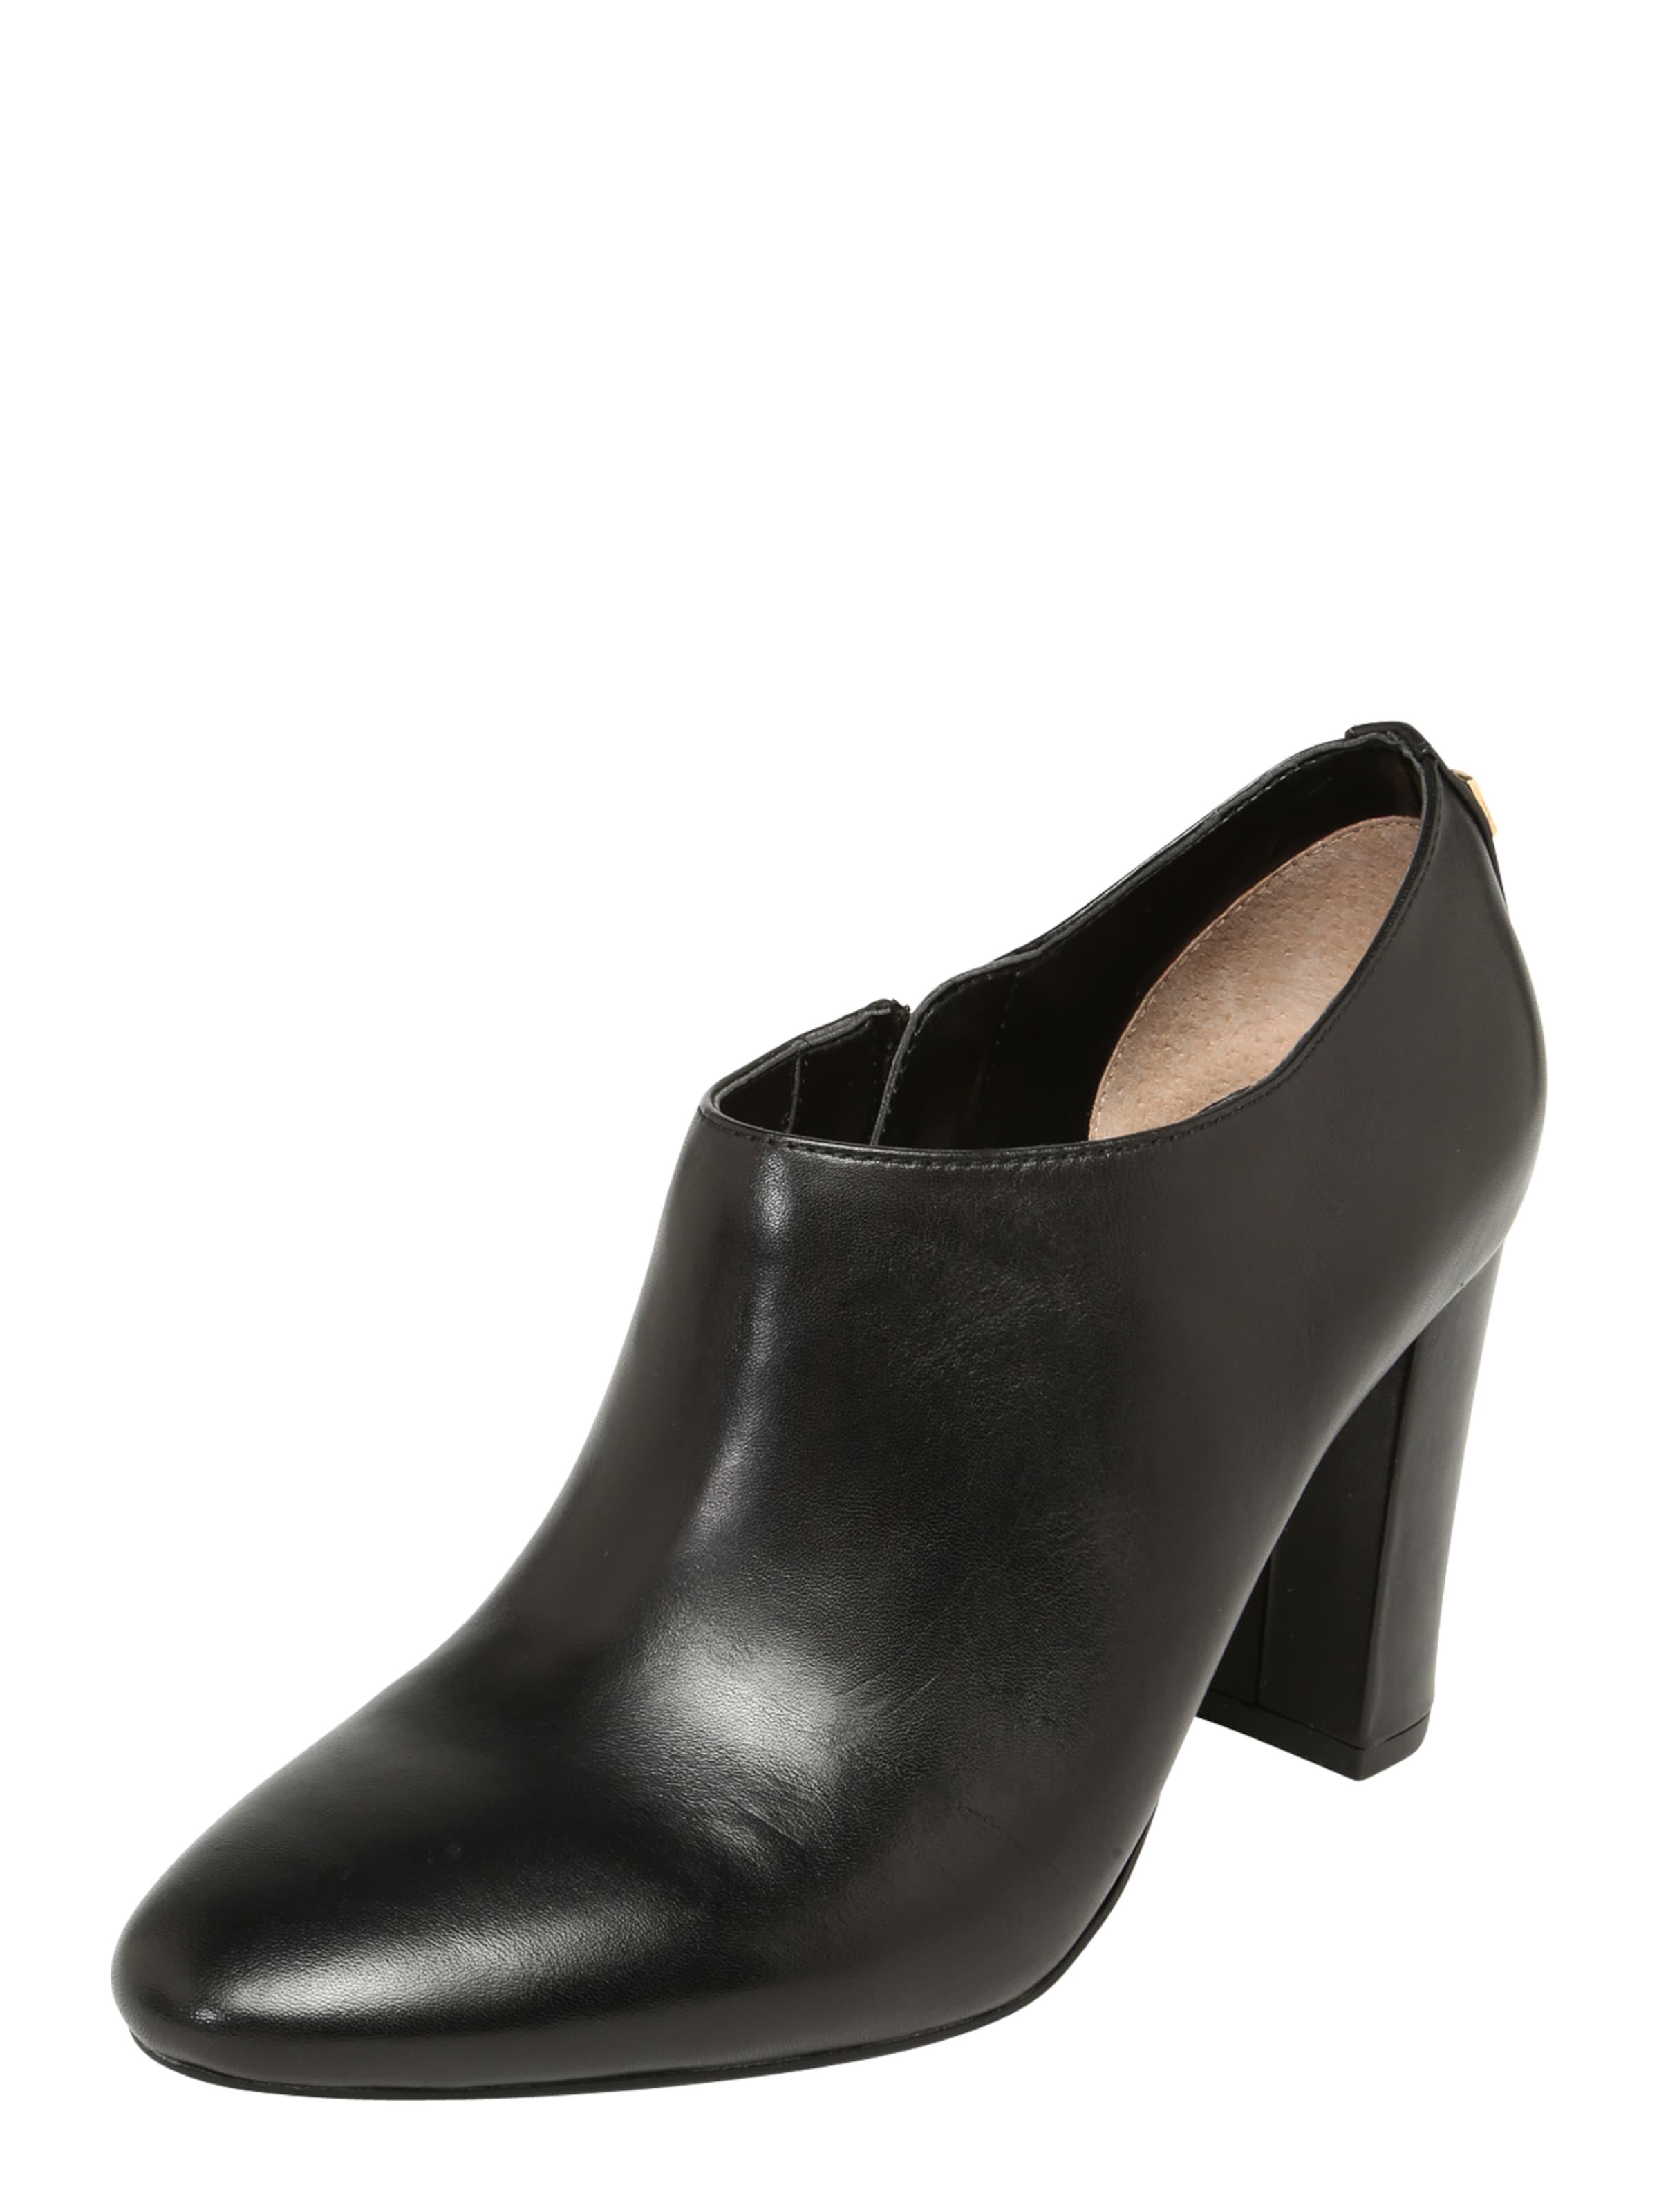 Lauren dress' Schwarz boots Stiefel 'aubree In Ralph 1JlcTFK